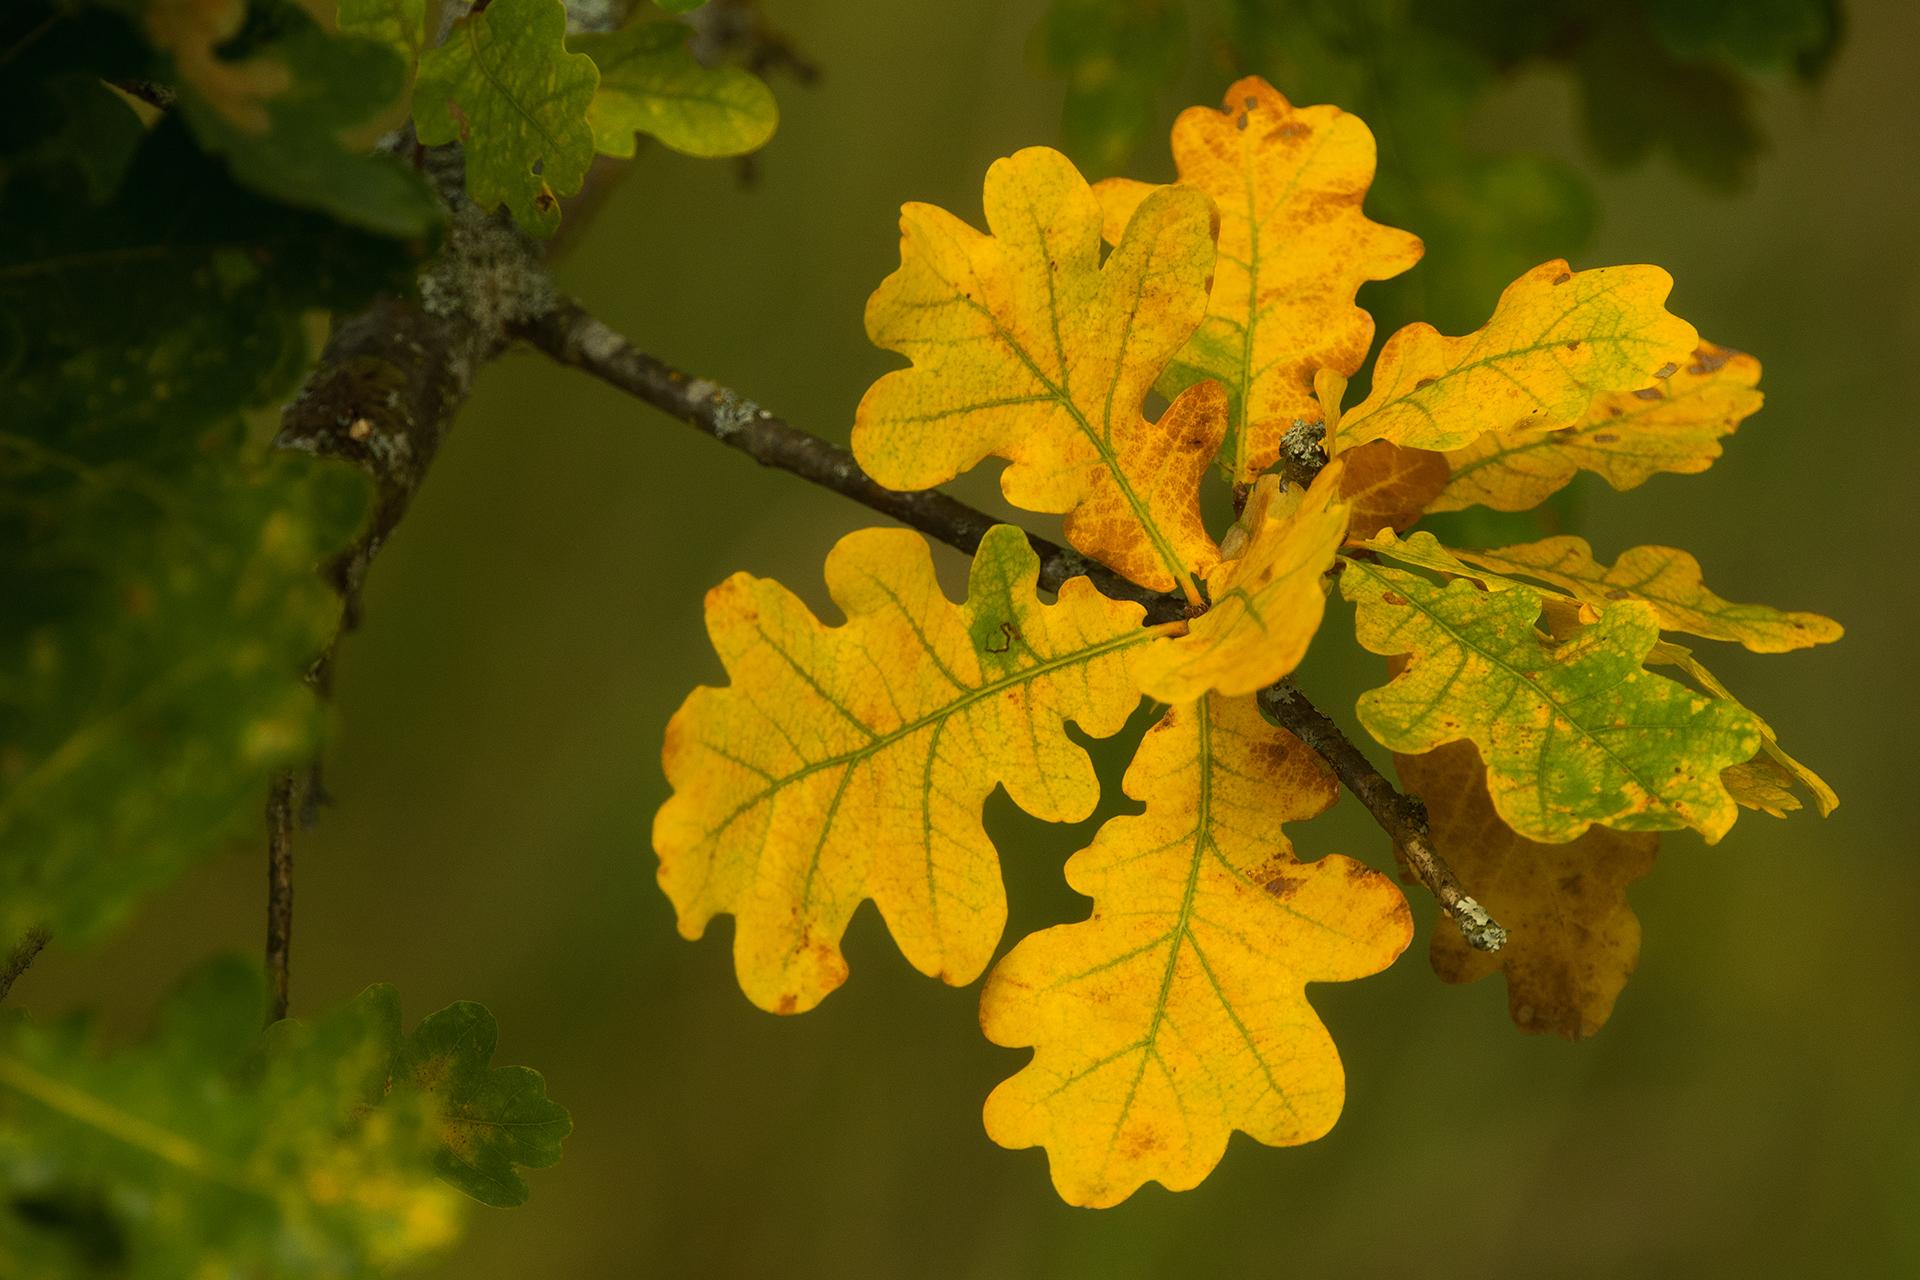 English oak leaves / Photo: A. Kuusela